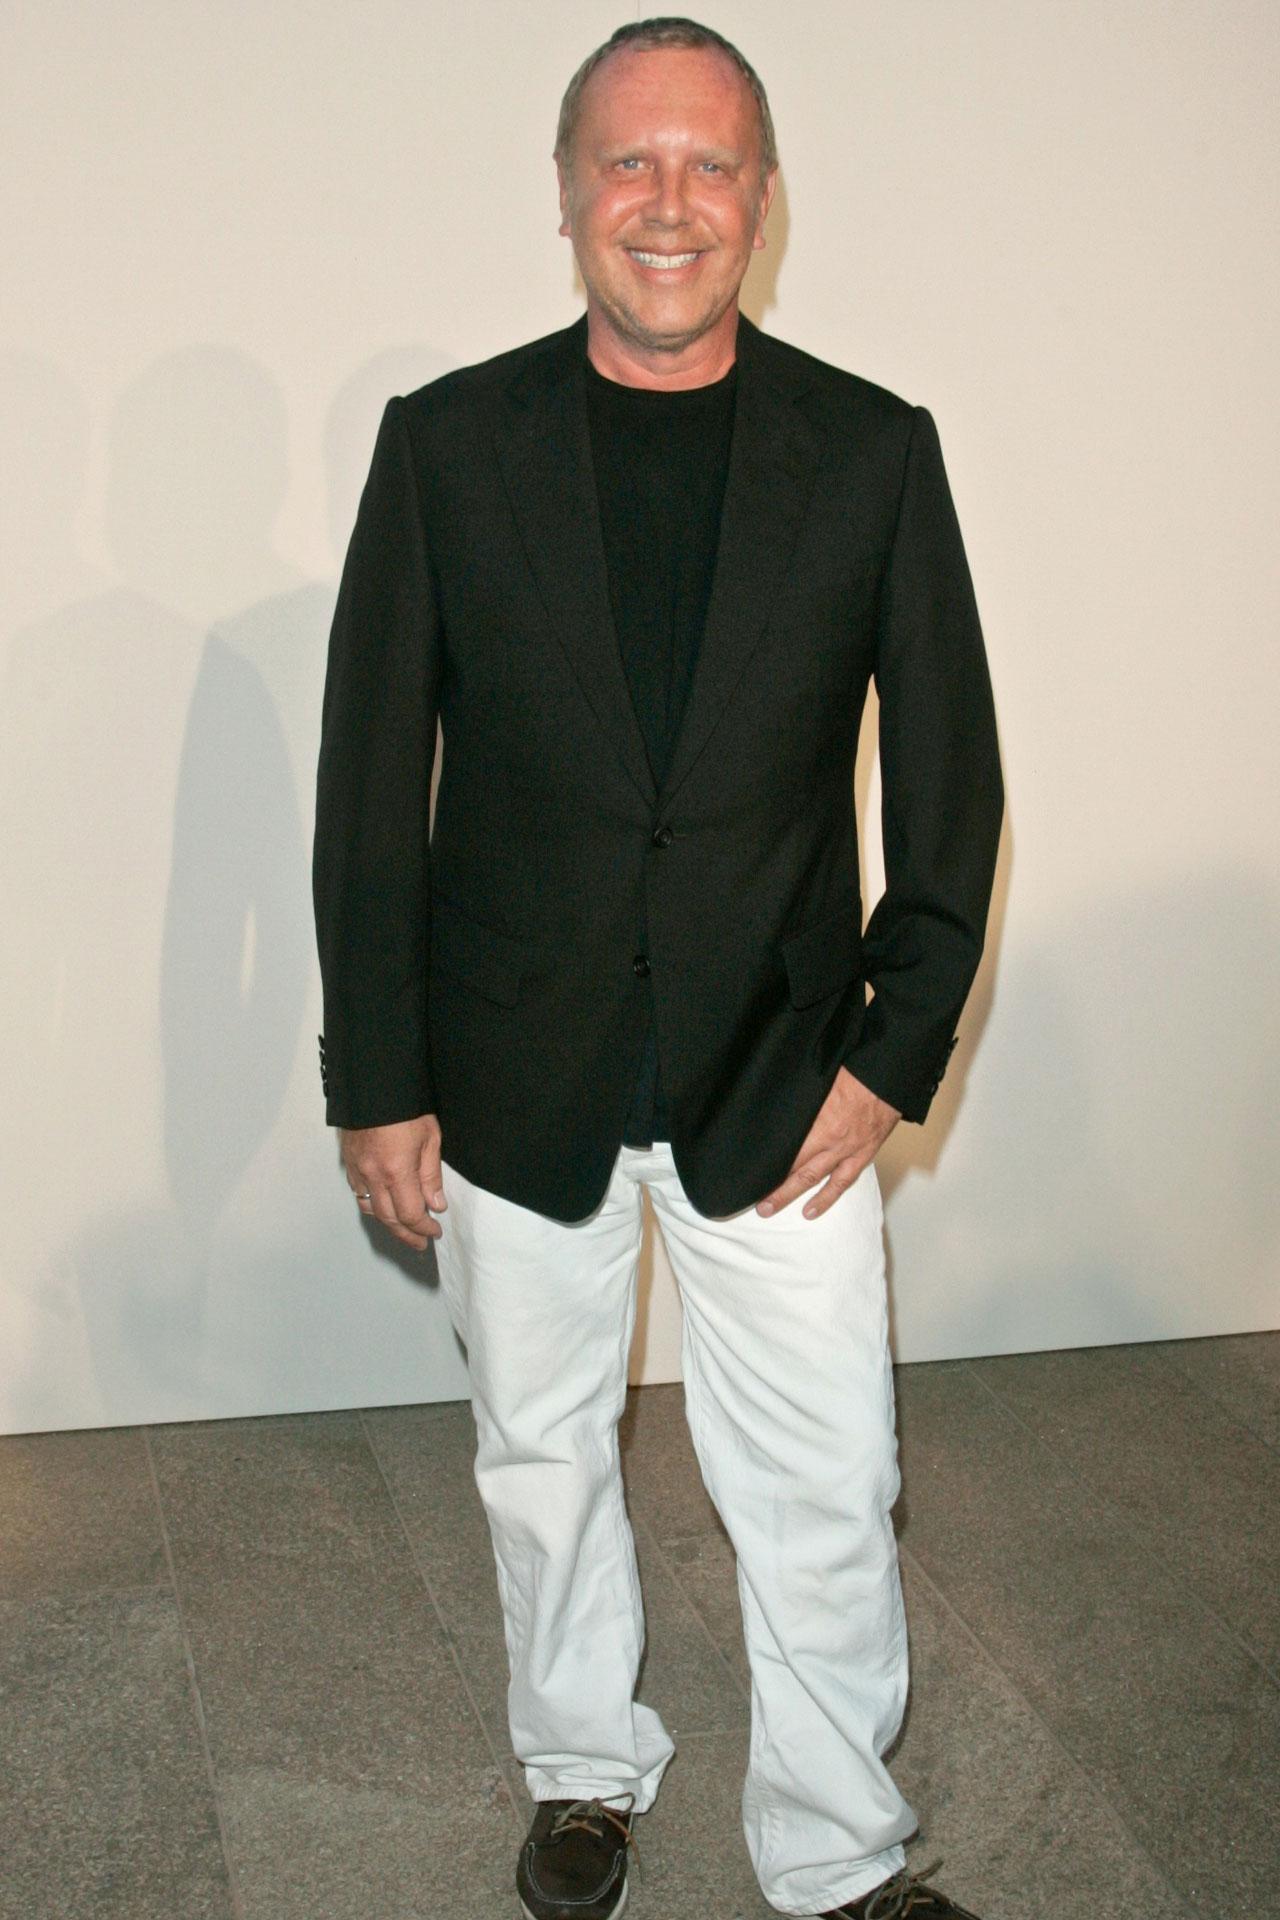 Michael Kors Designer Images